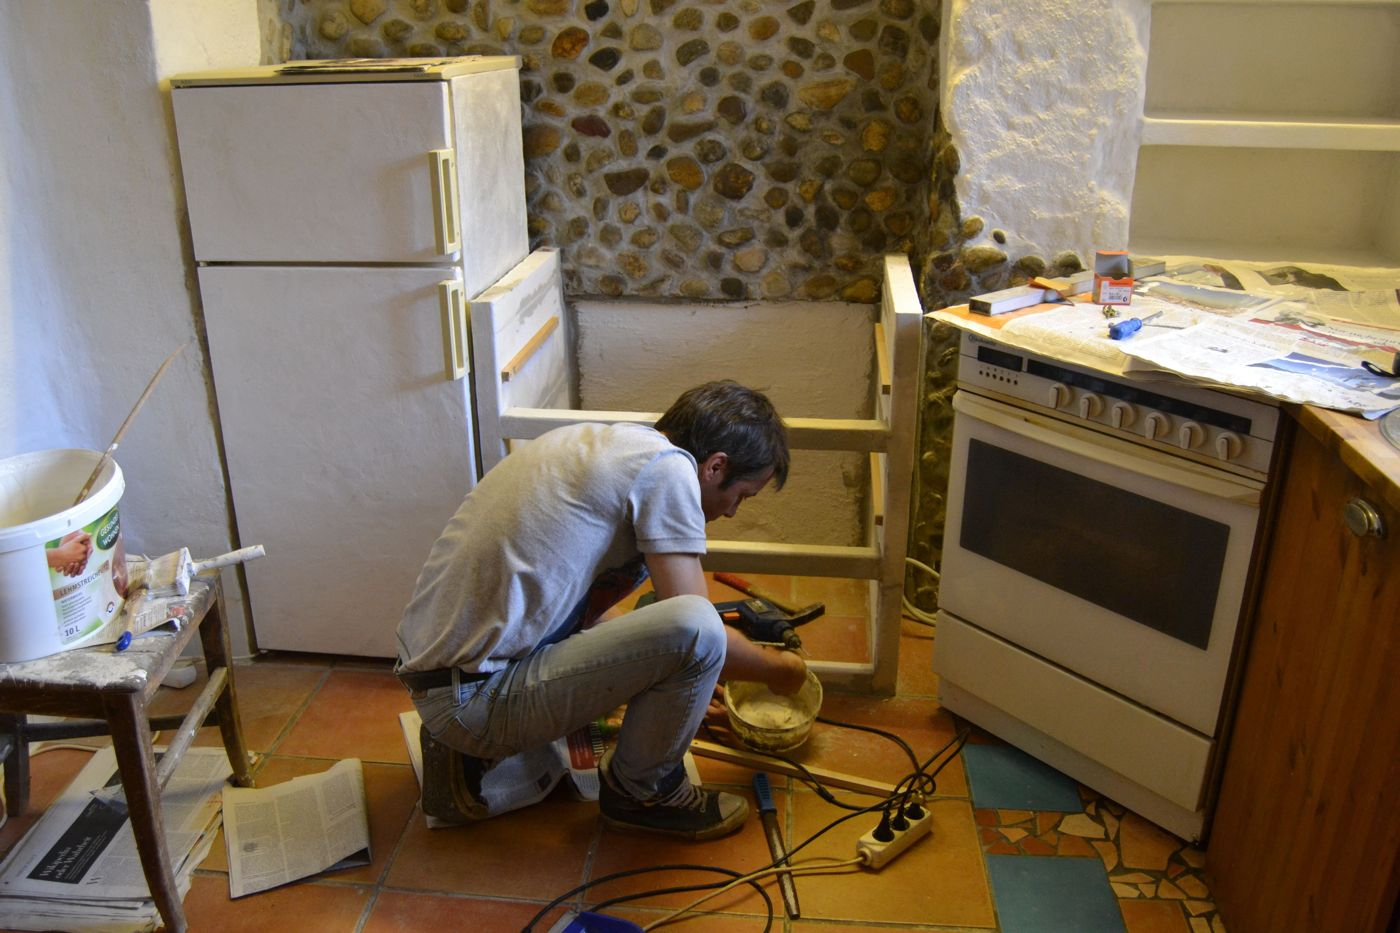 mediterranean kitchen in ravelsbach (at) | strohnatur - Ytong Küche